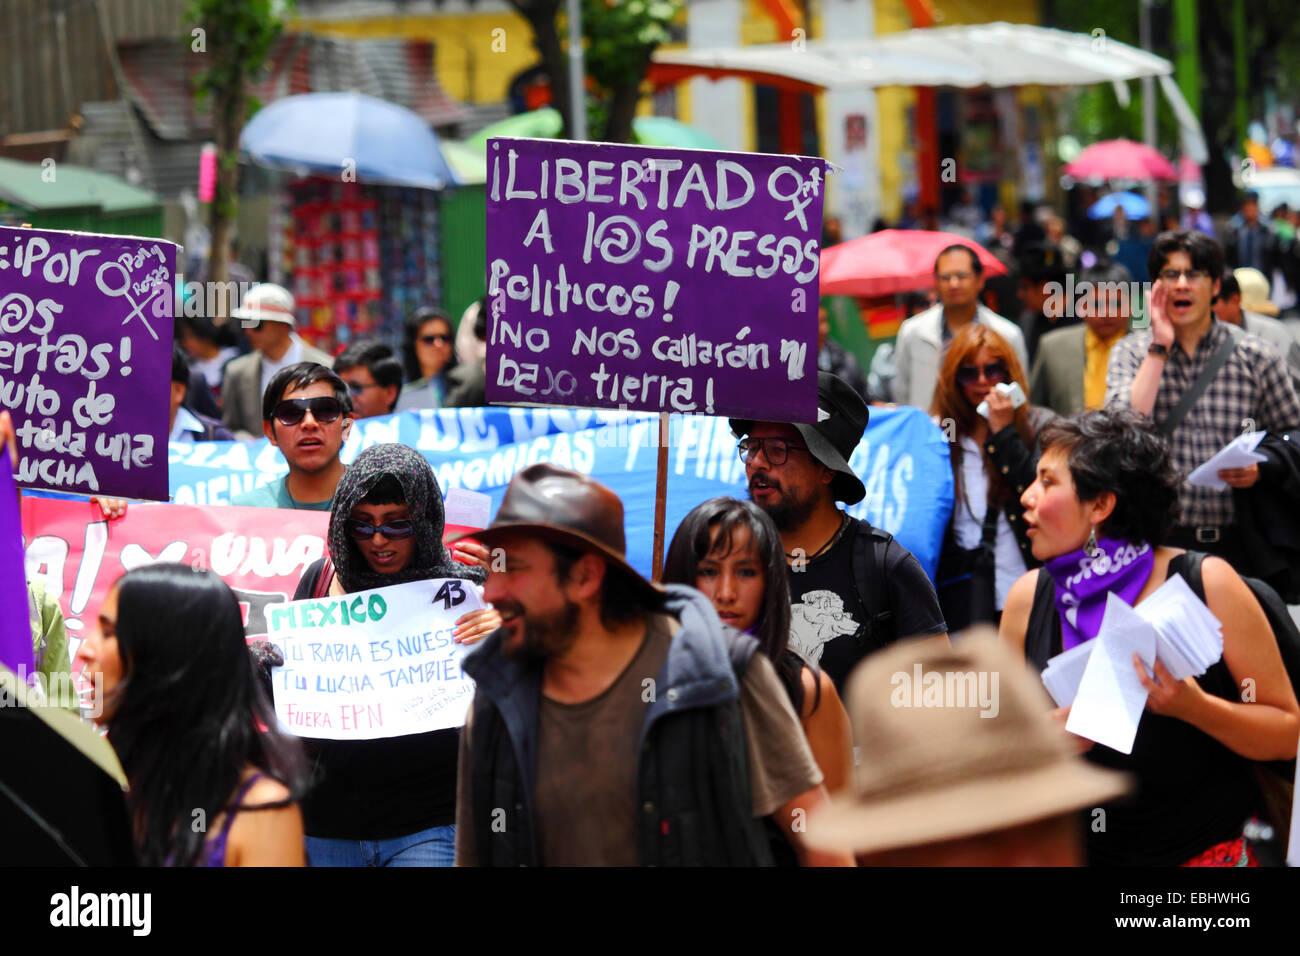 Mars des manifestants pour réclamer la justice pour les 43 étudiants disparus au Mexique et la libération des prisonniers politiques, La Paz, Bolivie Banque D'Images